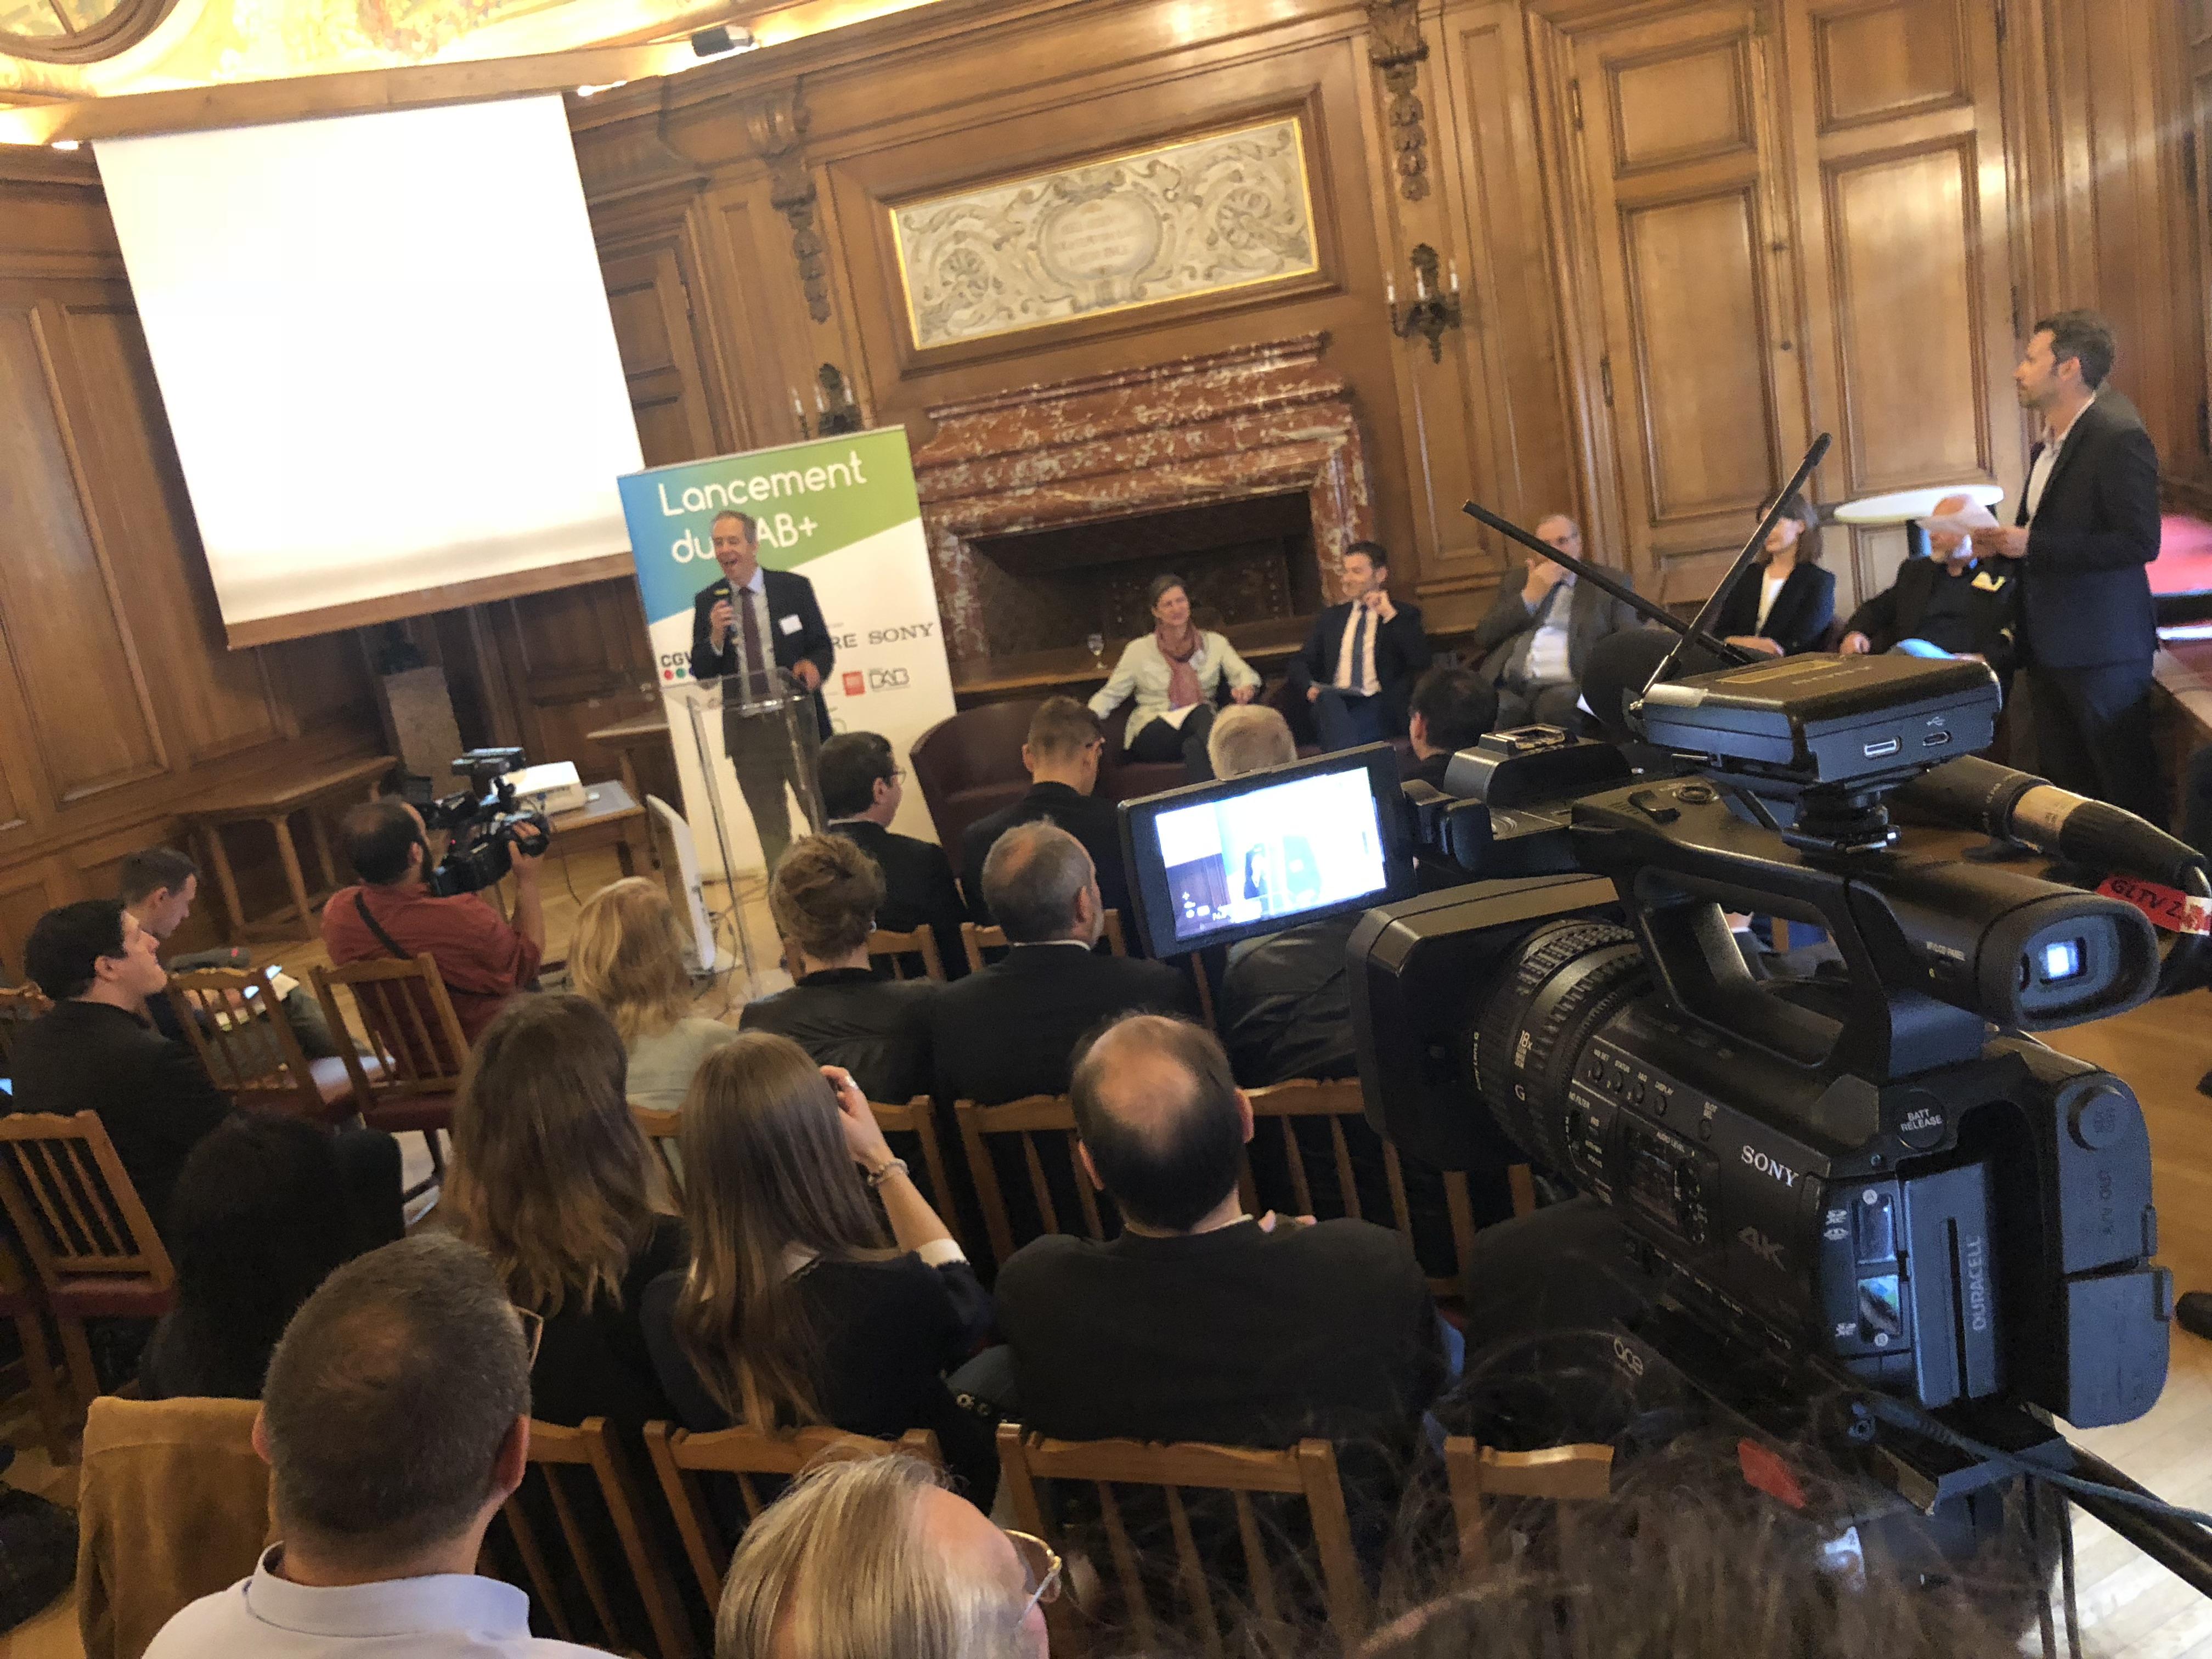 Le lancement du DAB+ dans les Hauts-de-France est également soutenu par des acteurs économiques dont des fabricants de matériel audio tels que Pioneer, Pure ou Sony @ Serge Surpin / La Lettre Pro de la Radio